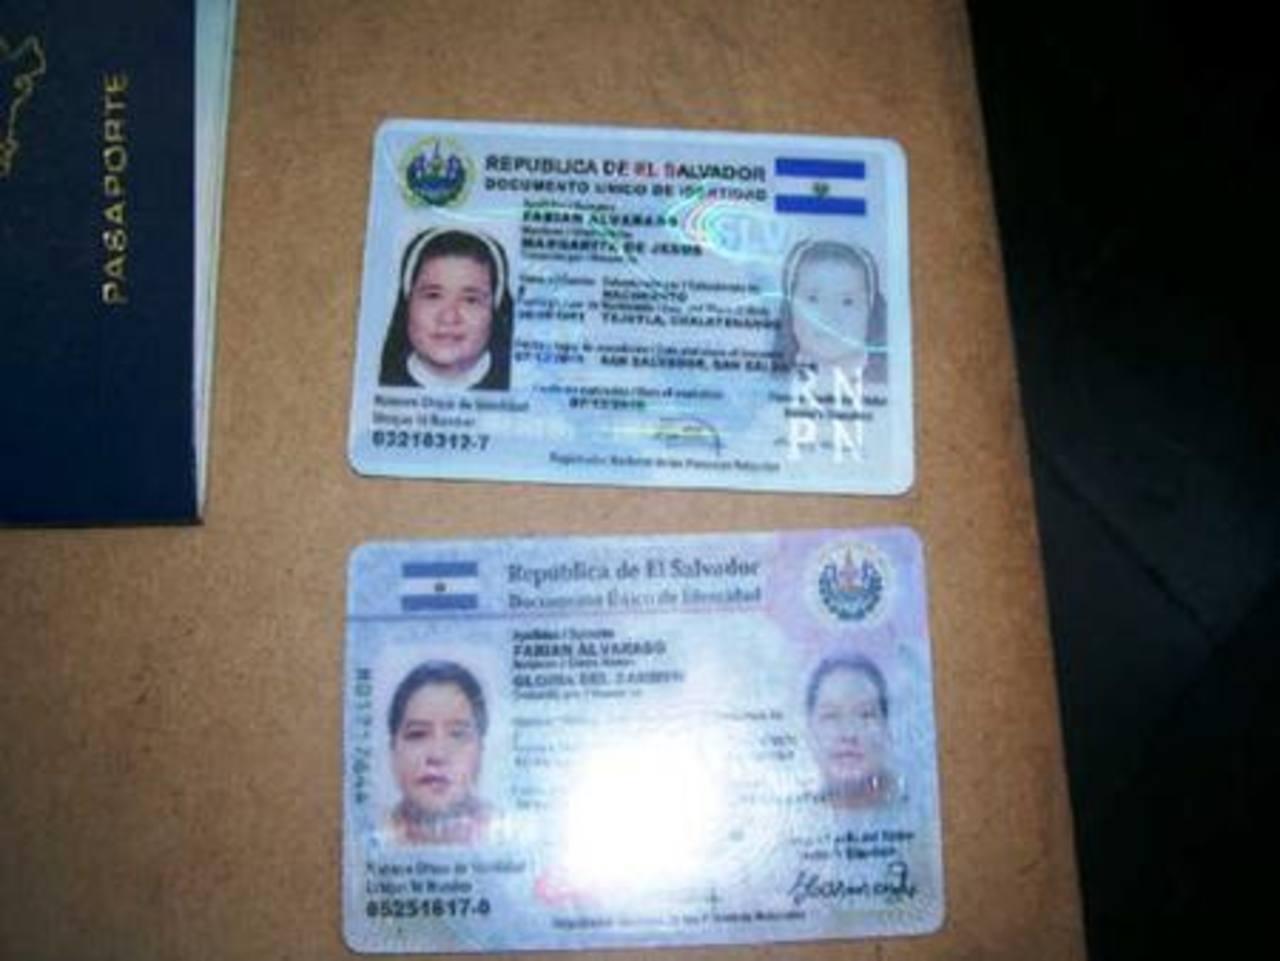 Las detenidas son: Gloria del Carmen y Margarita de Jesús Fabián Alvarado, esta última es monja